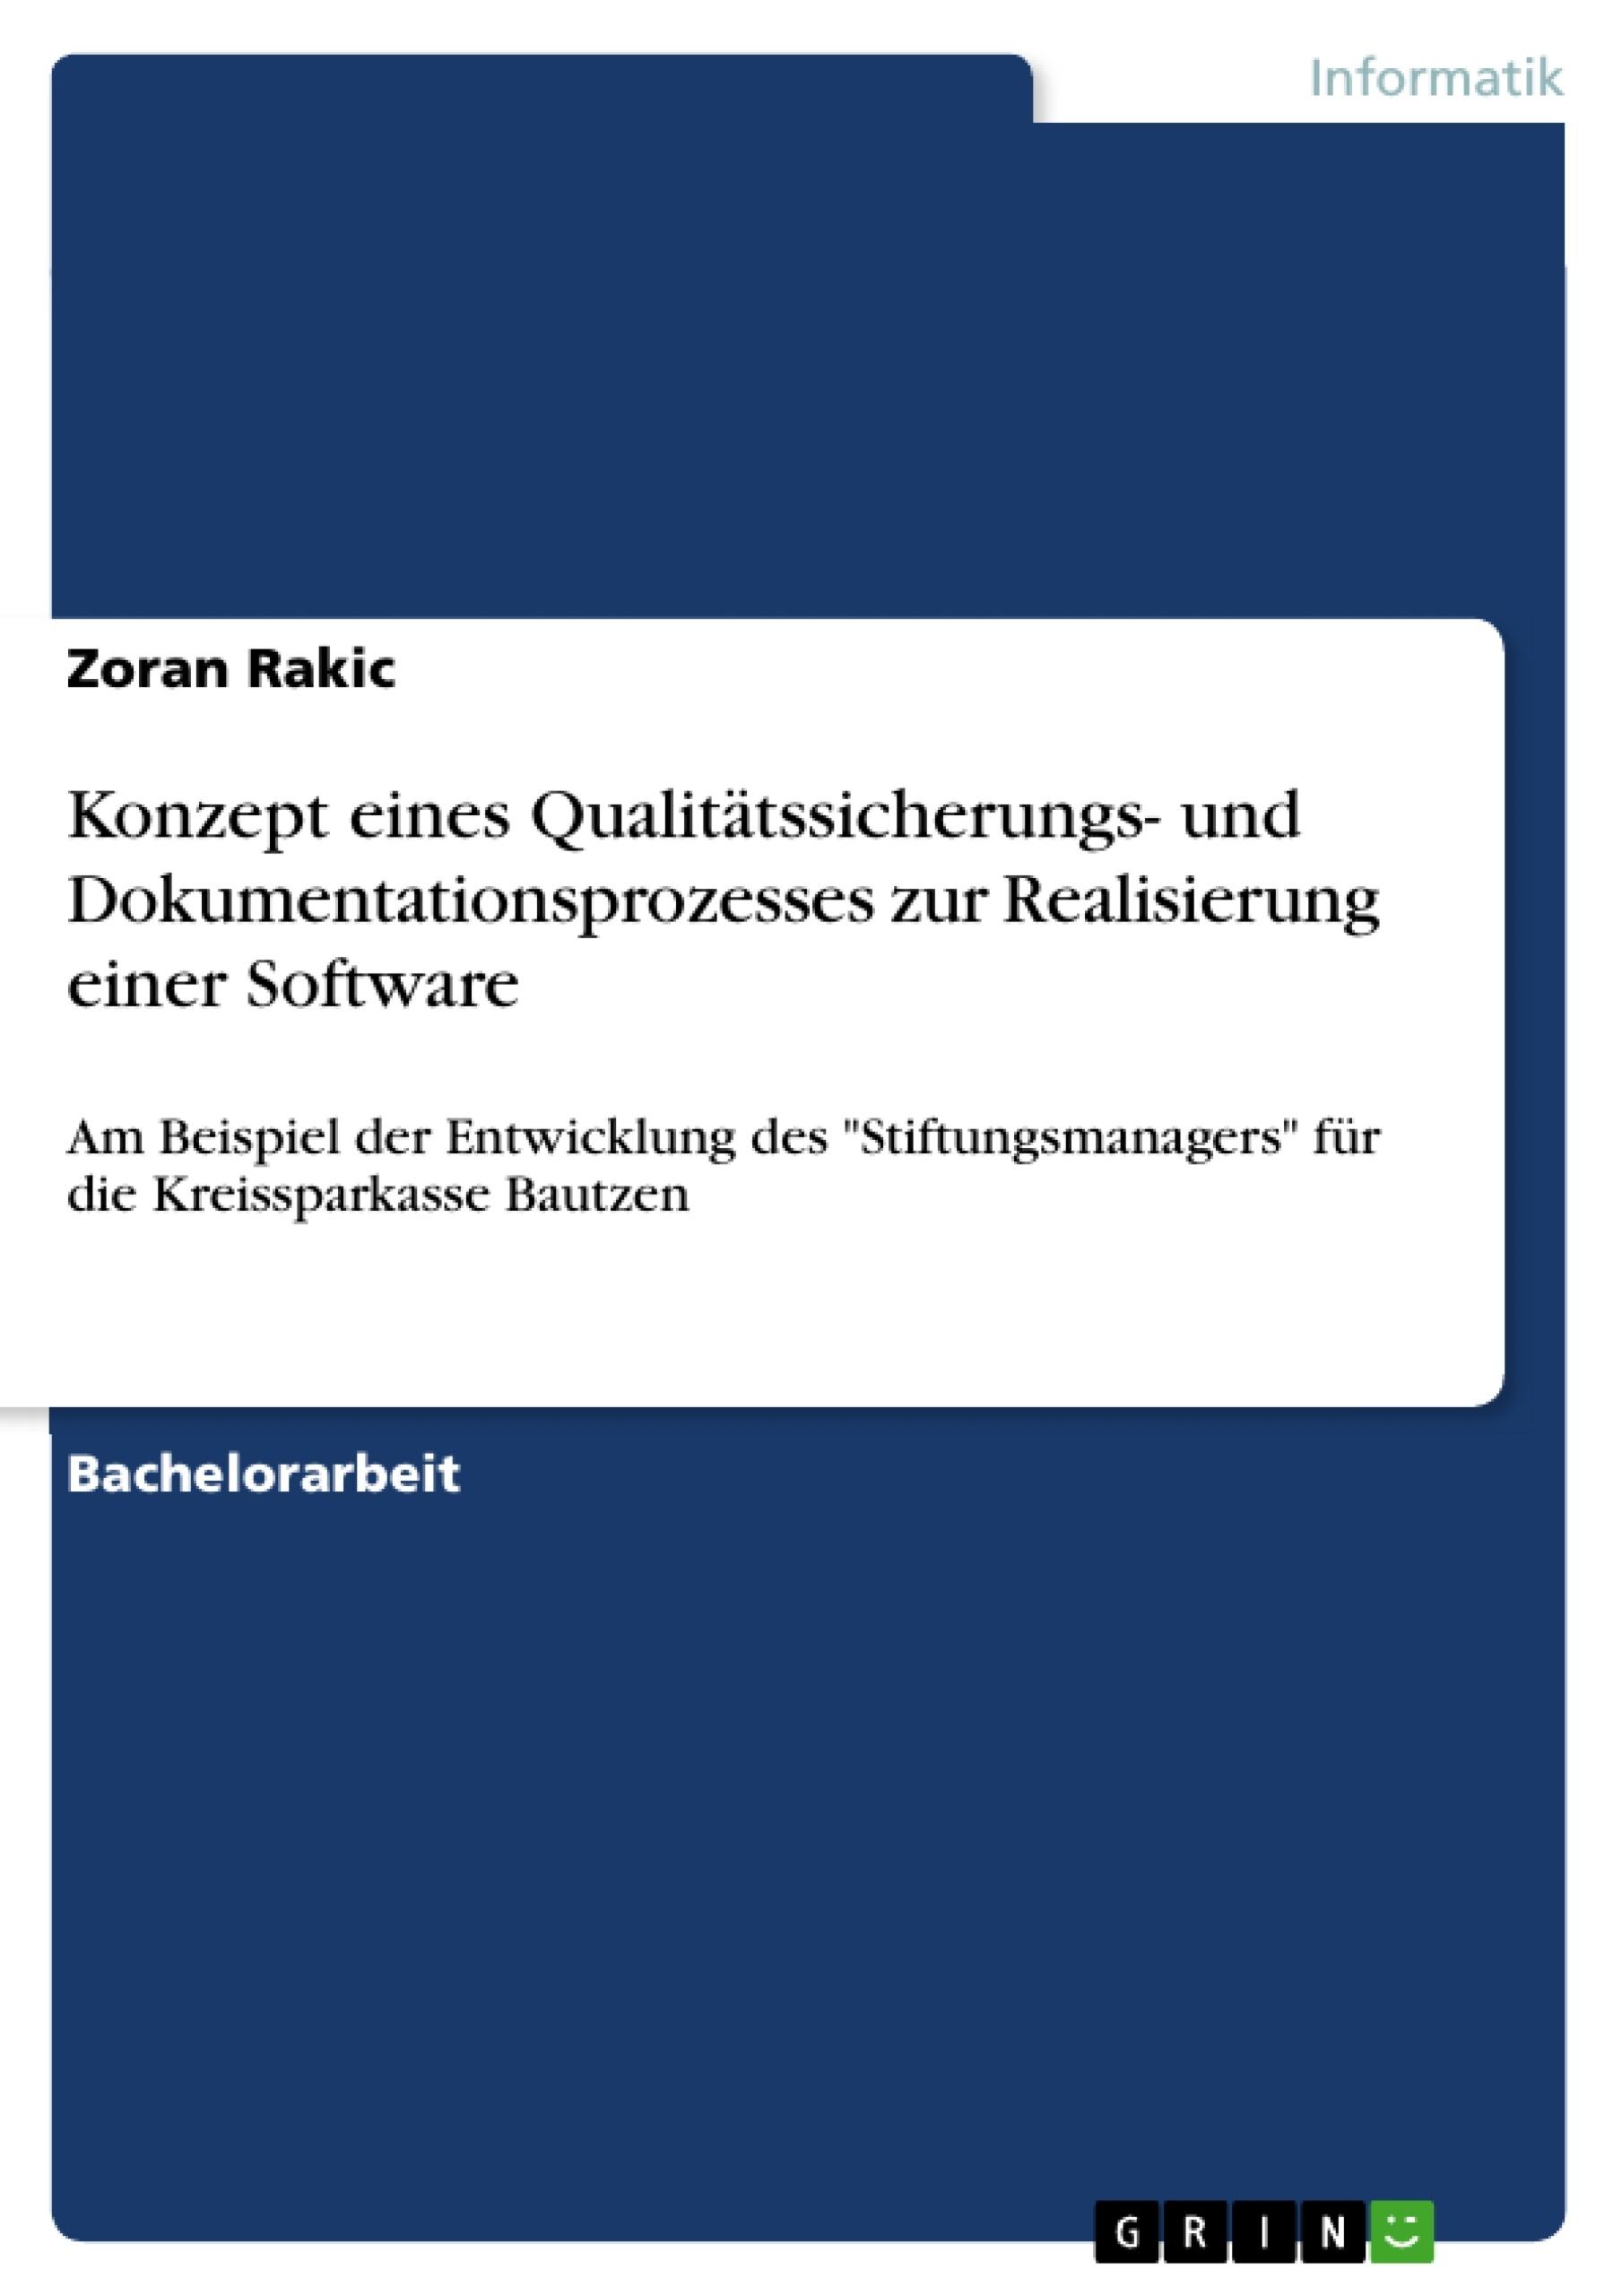 Titel: Konzept eines Qualitätssicherungs- und Dokumentationsprozesses zur Realisierung einer Software